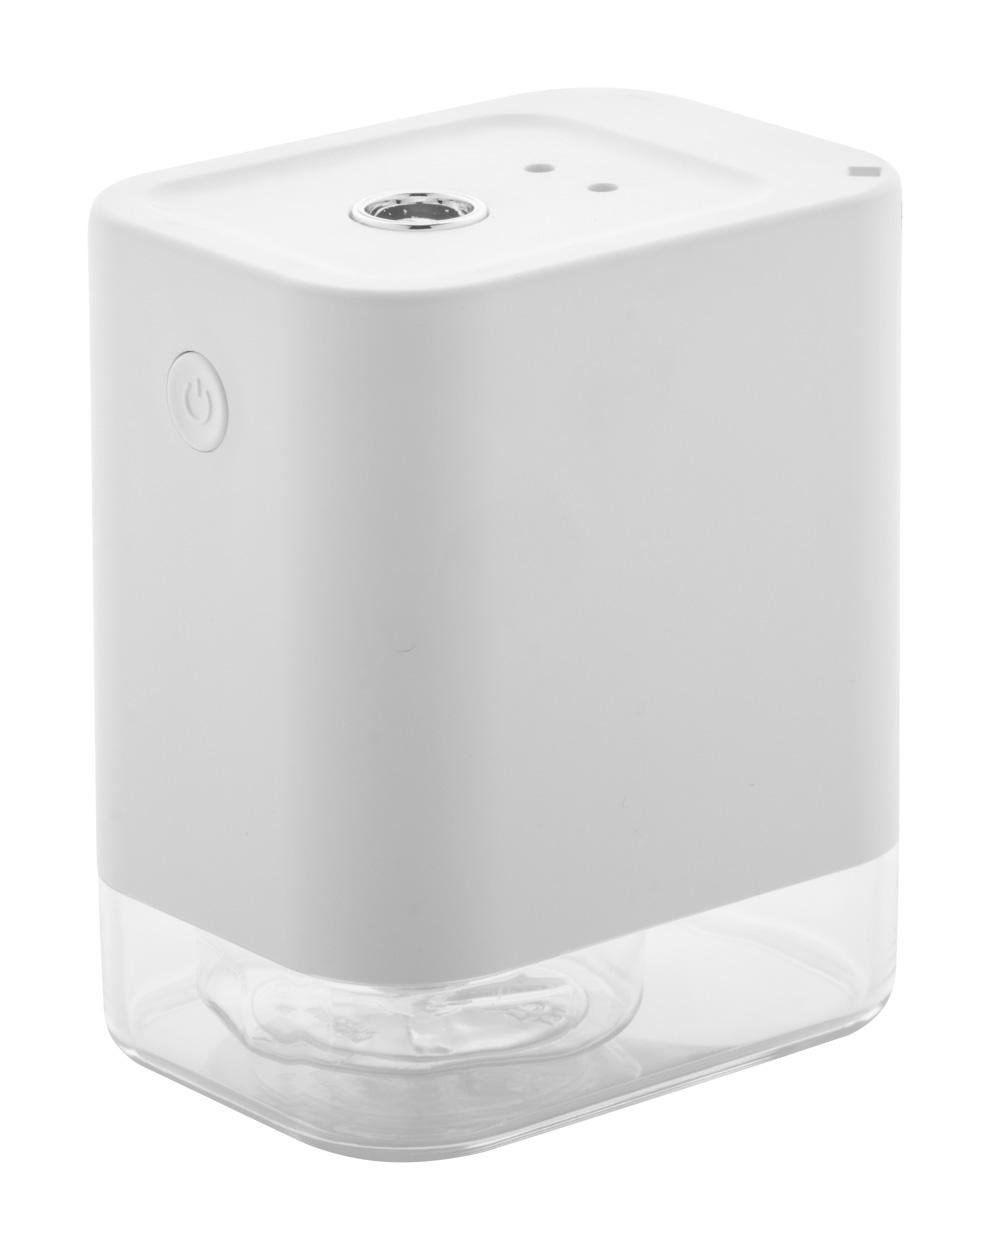 Bisnal hand sanitizer dispenser